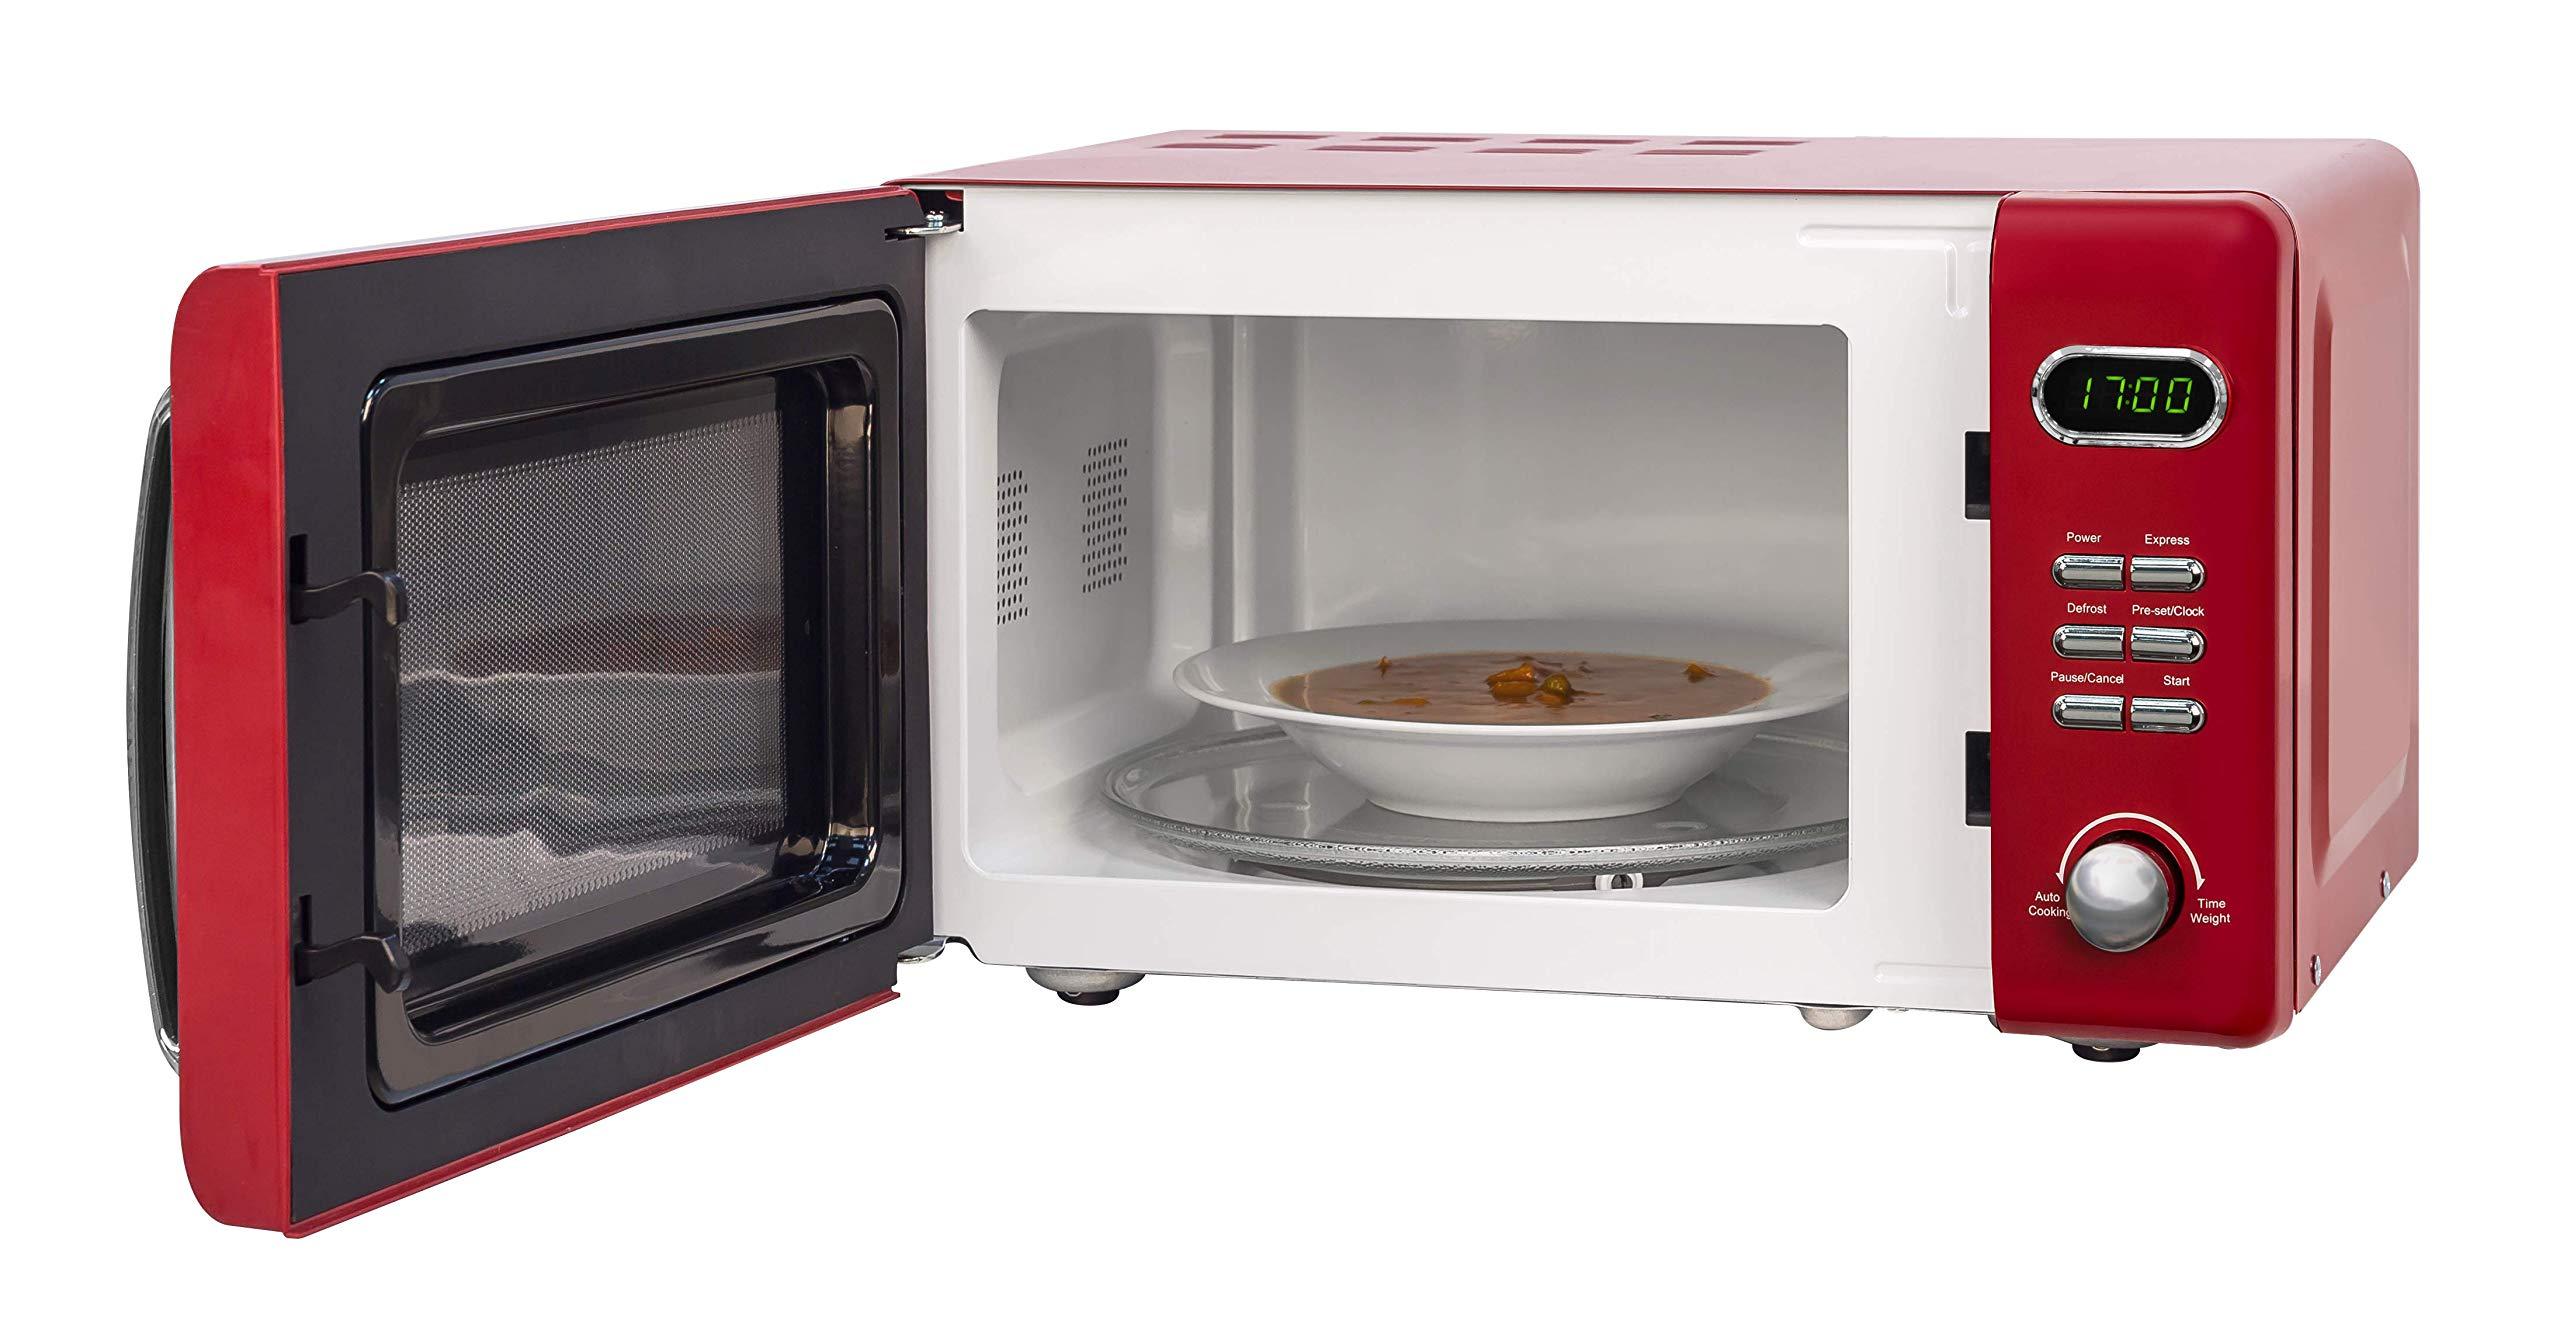 715b1lwUkYL - Russell Hobbs RHRETMD806R Solo Microwave, Red, 17 liters